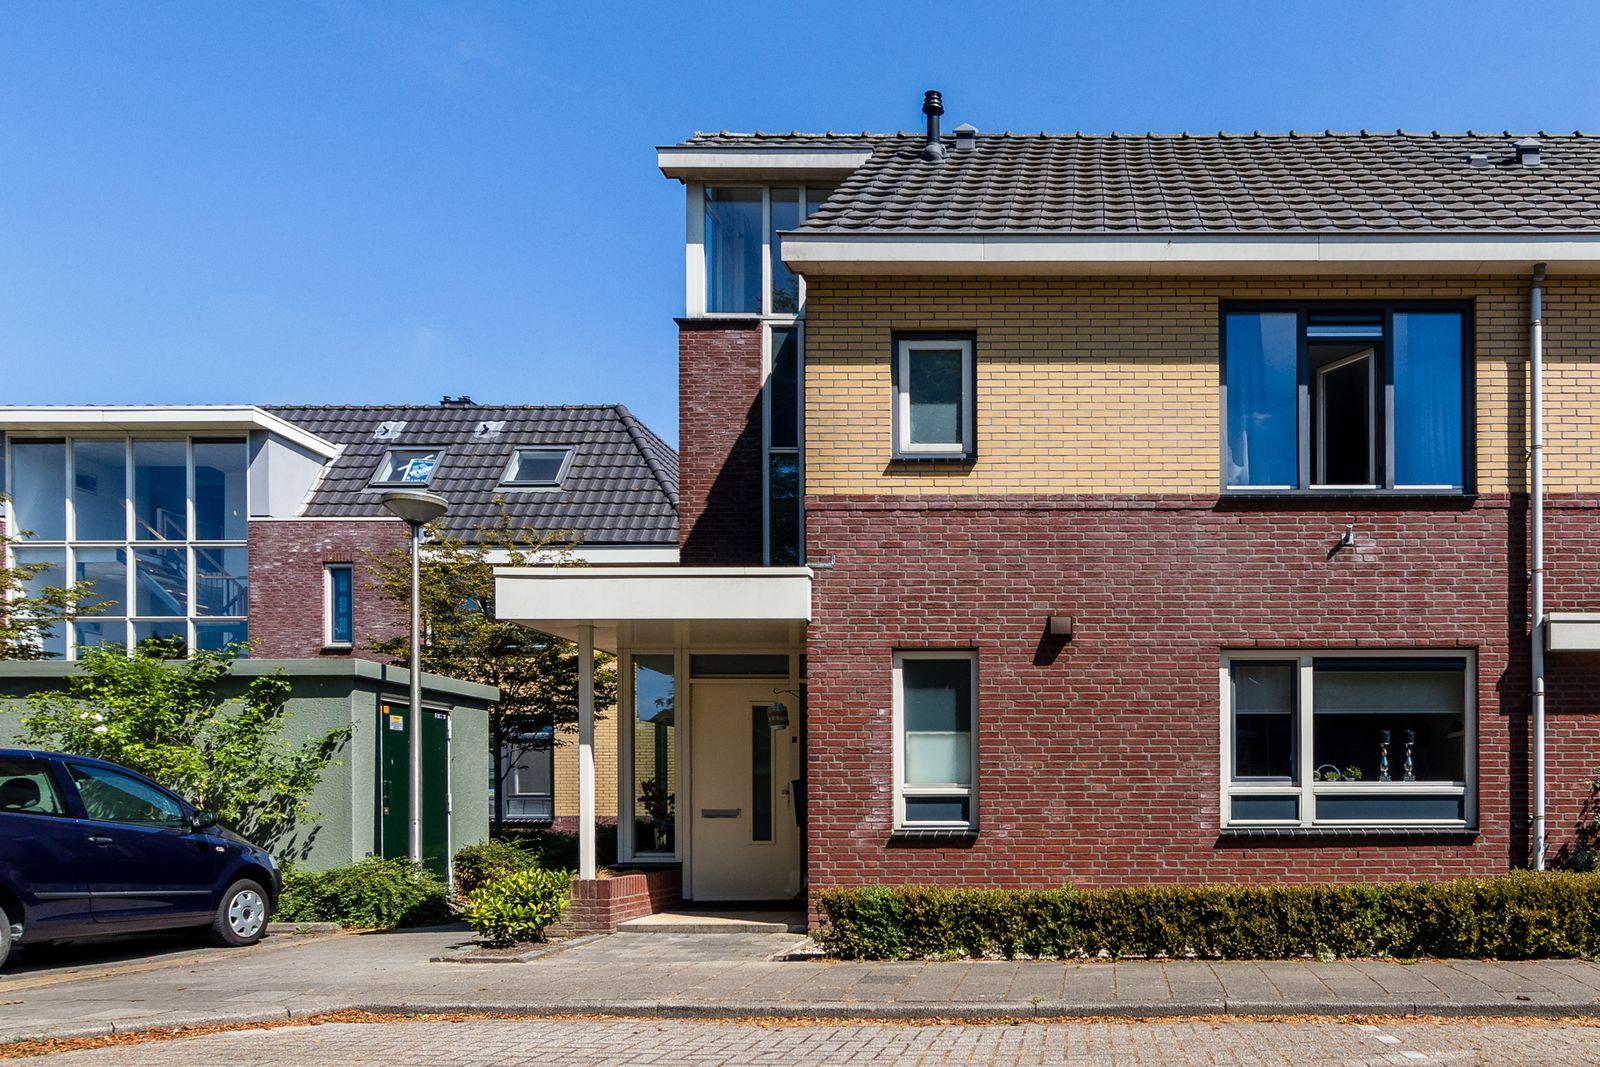 Graaf Lodewijkstraat 3, Nieuwerbrug Aan Den Rijn